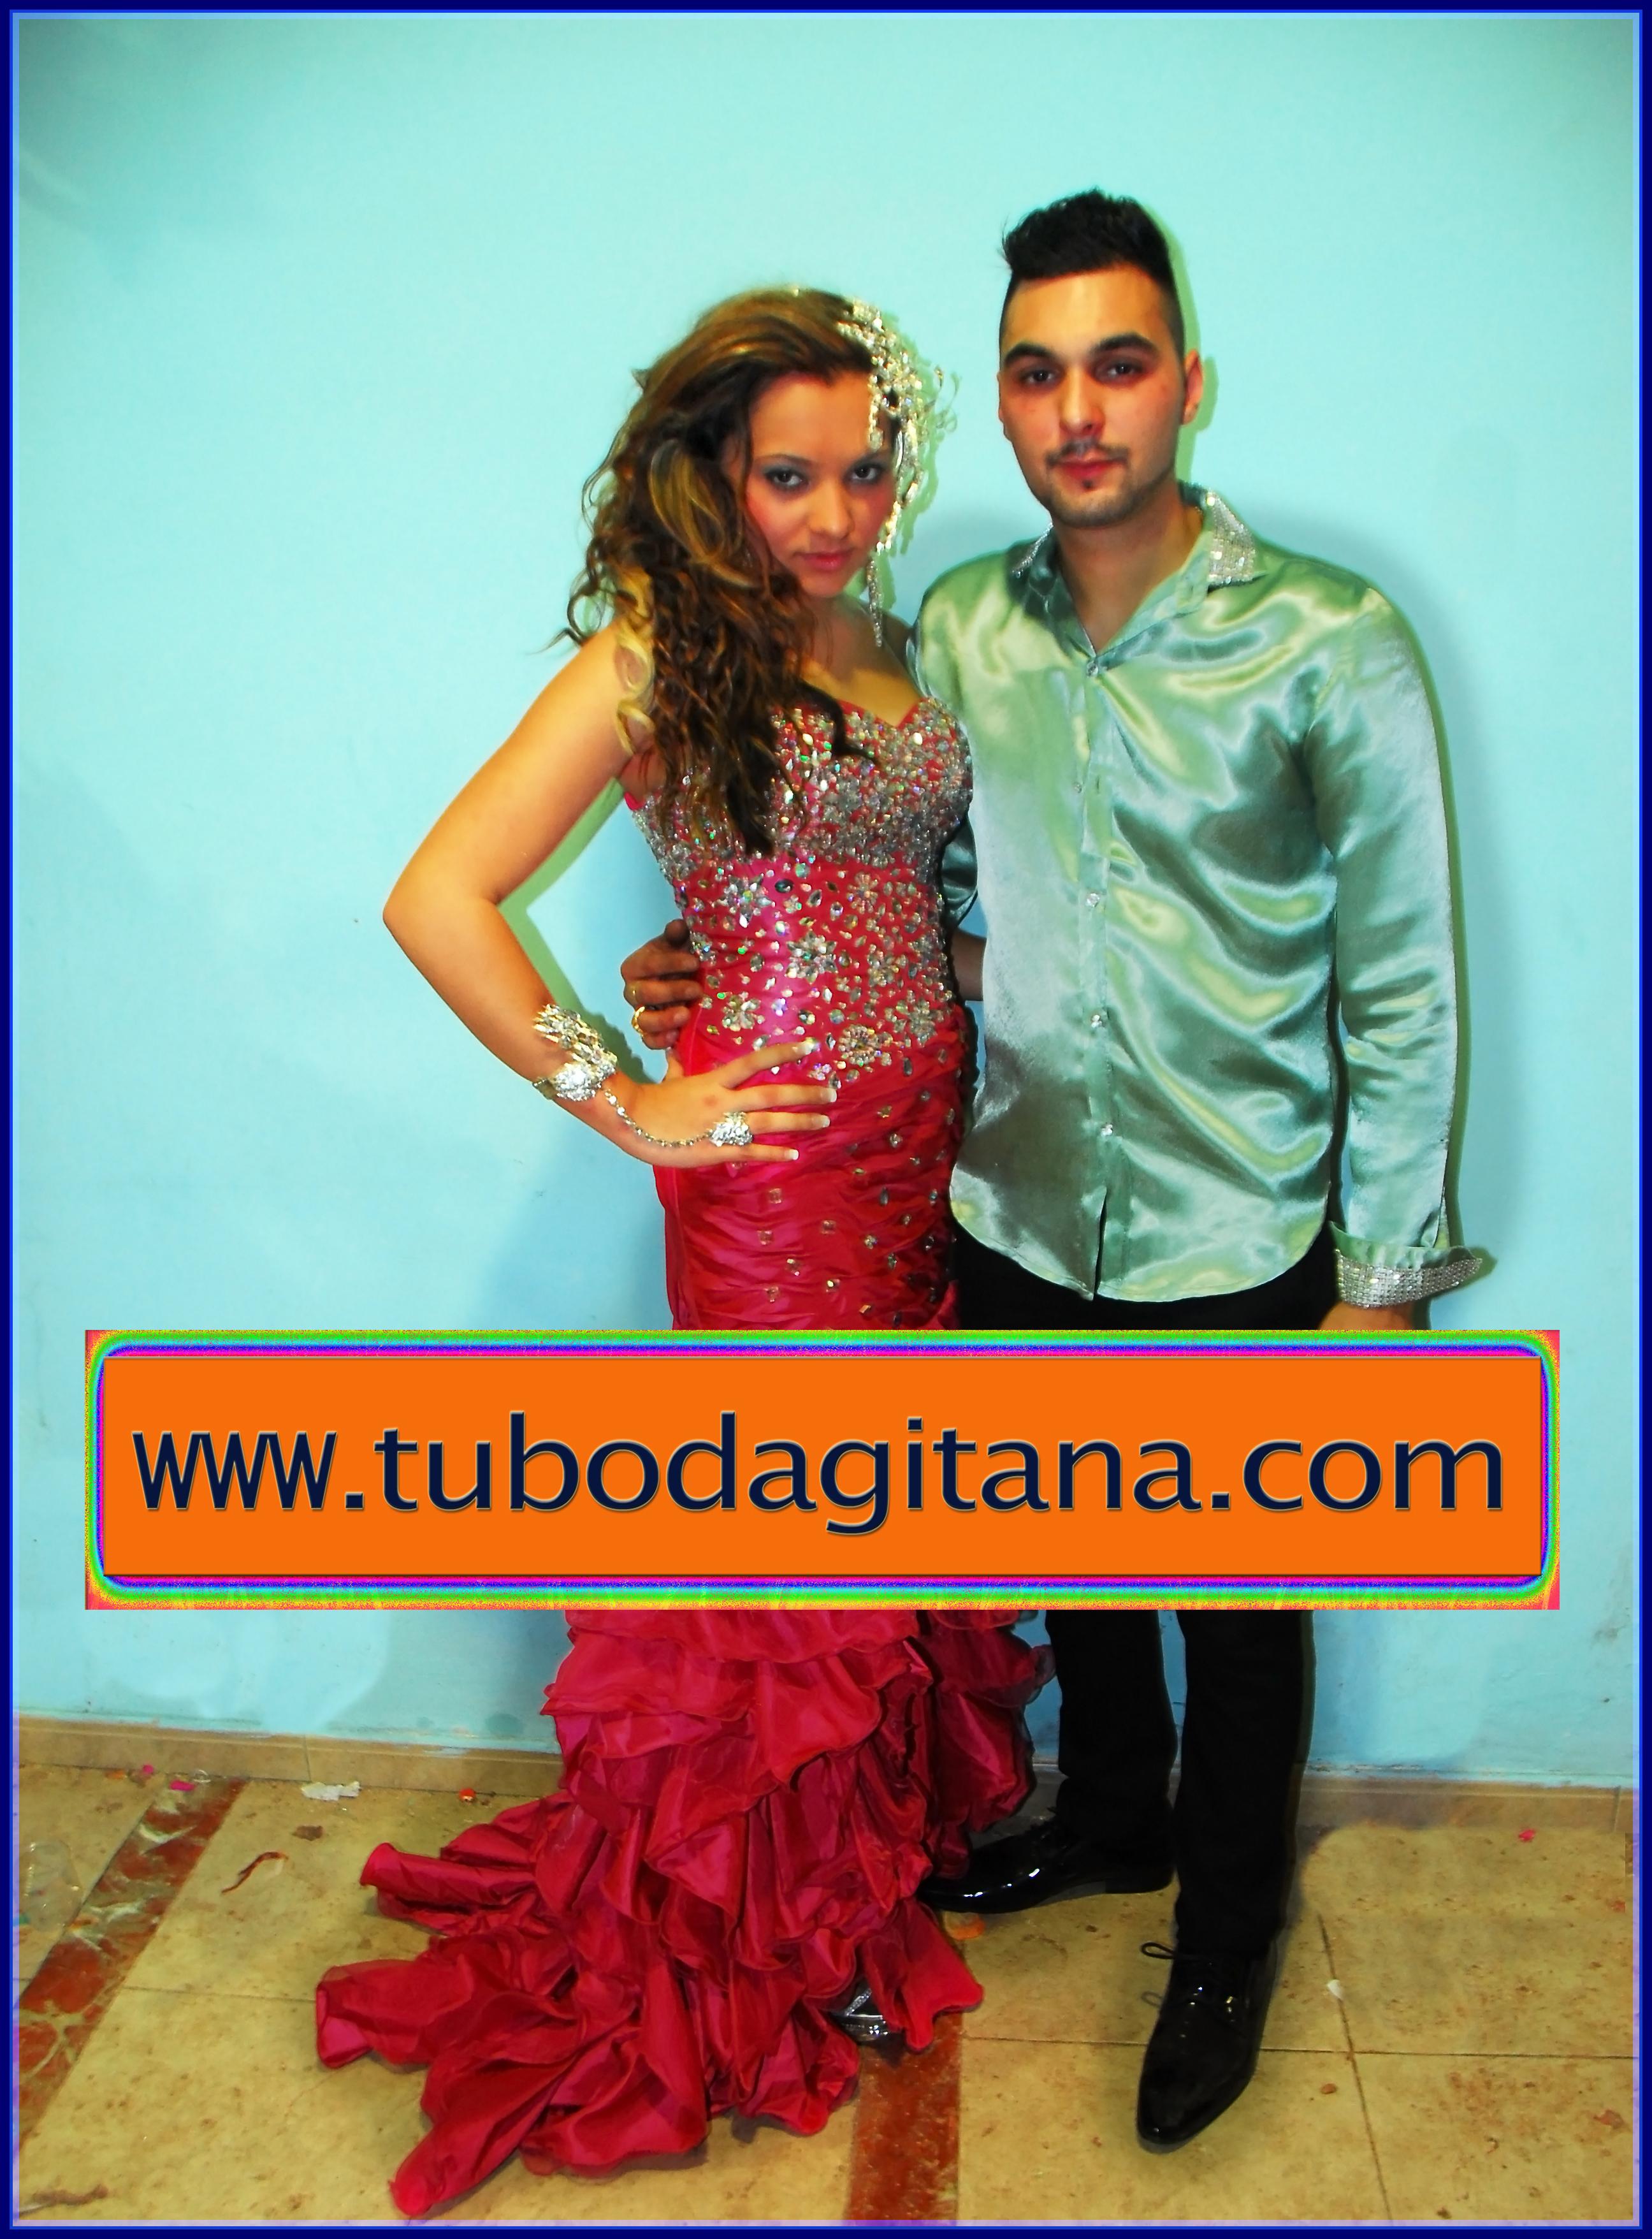 Vestidos de fiesta boda gitana